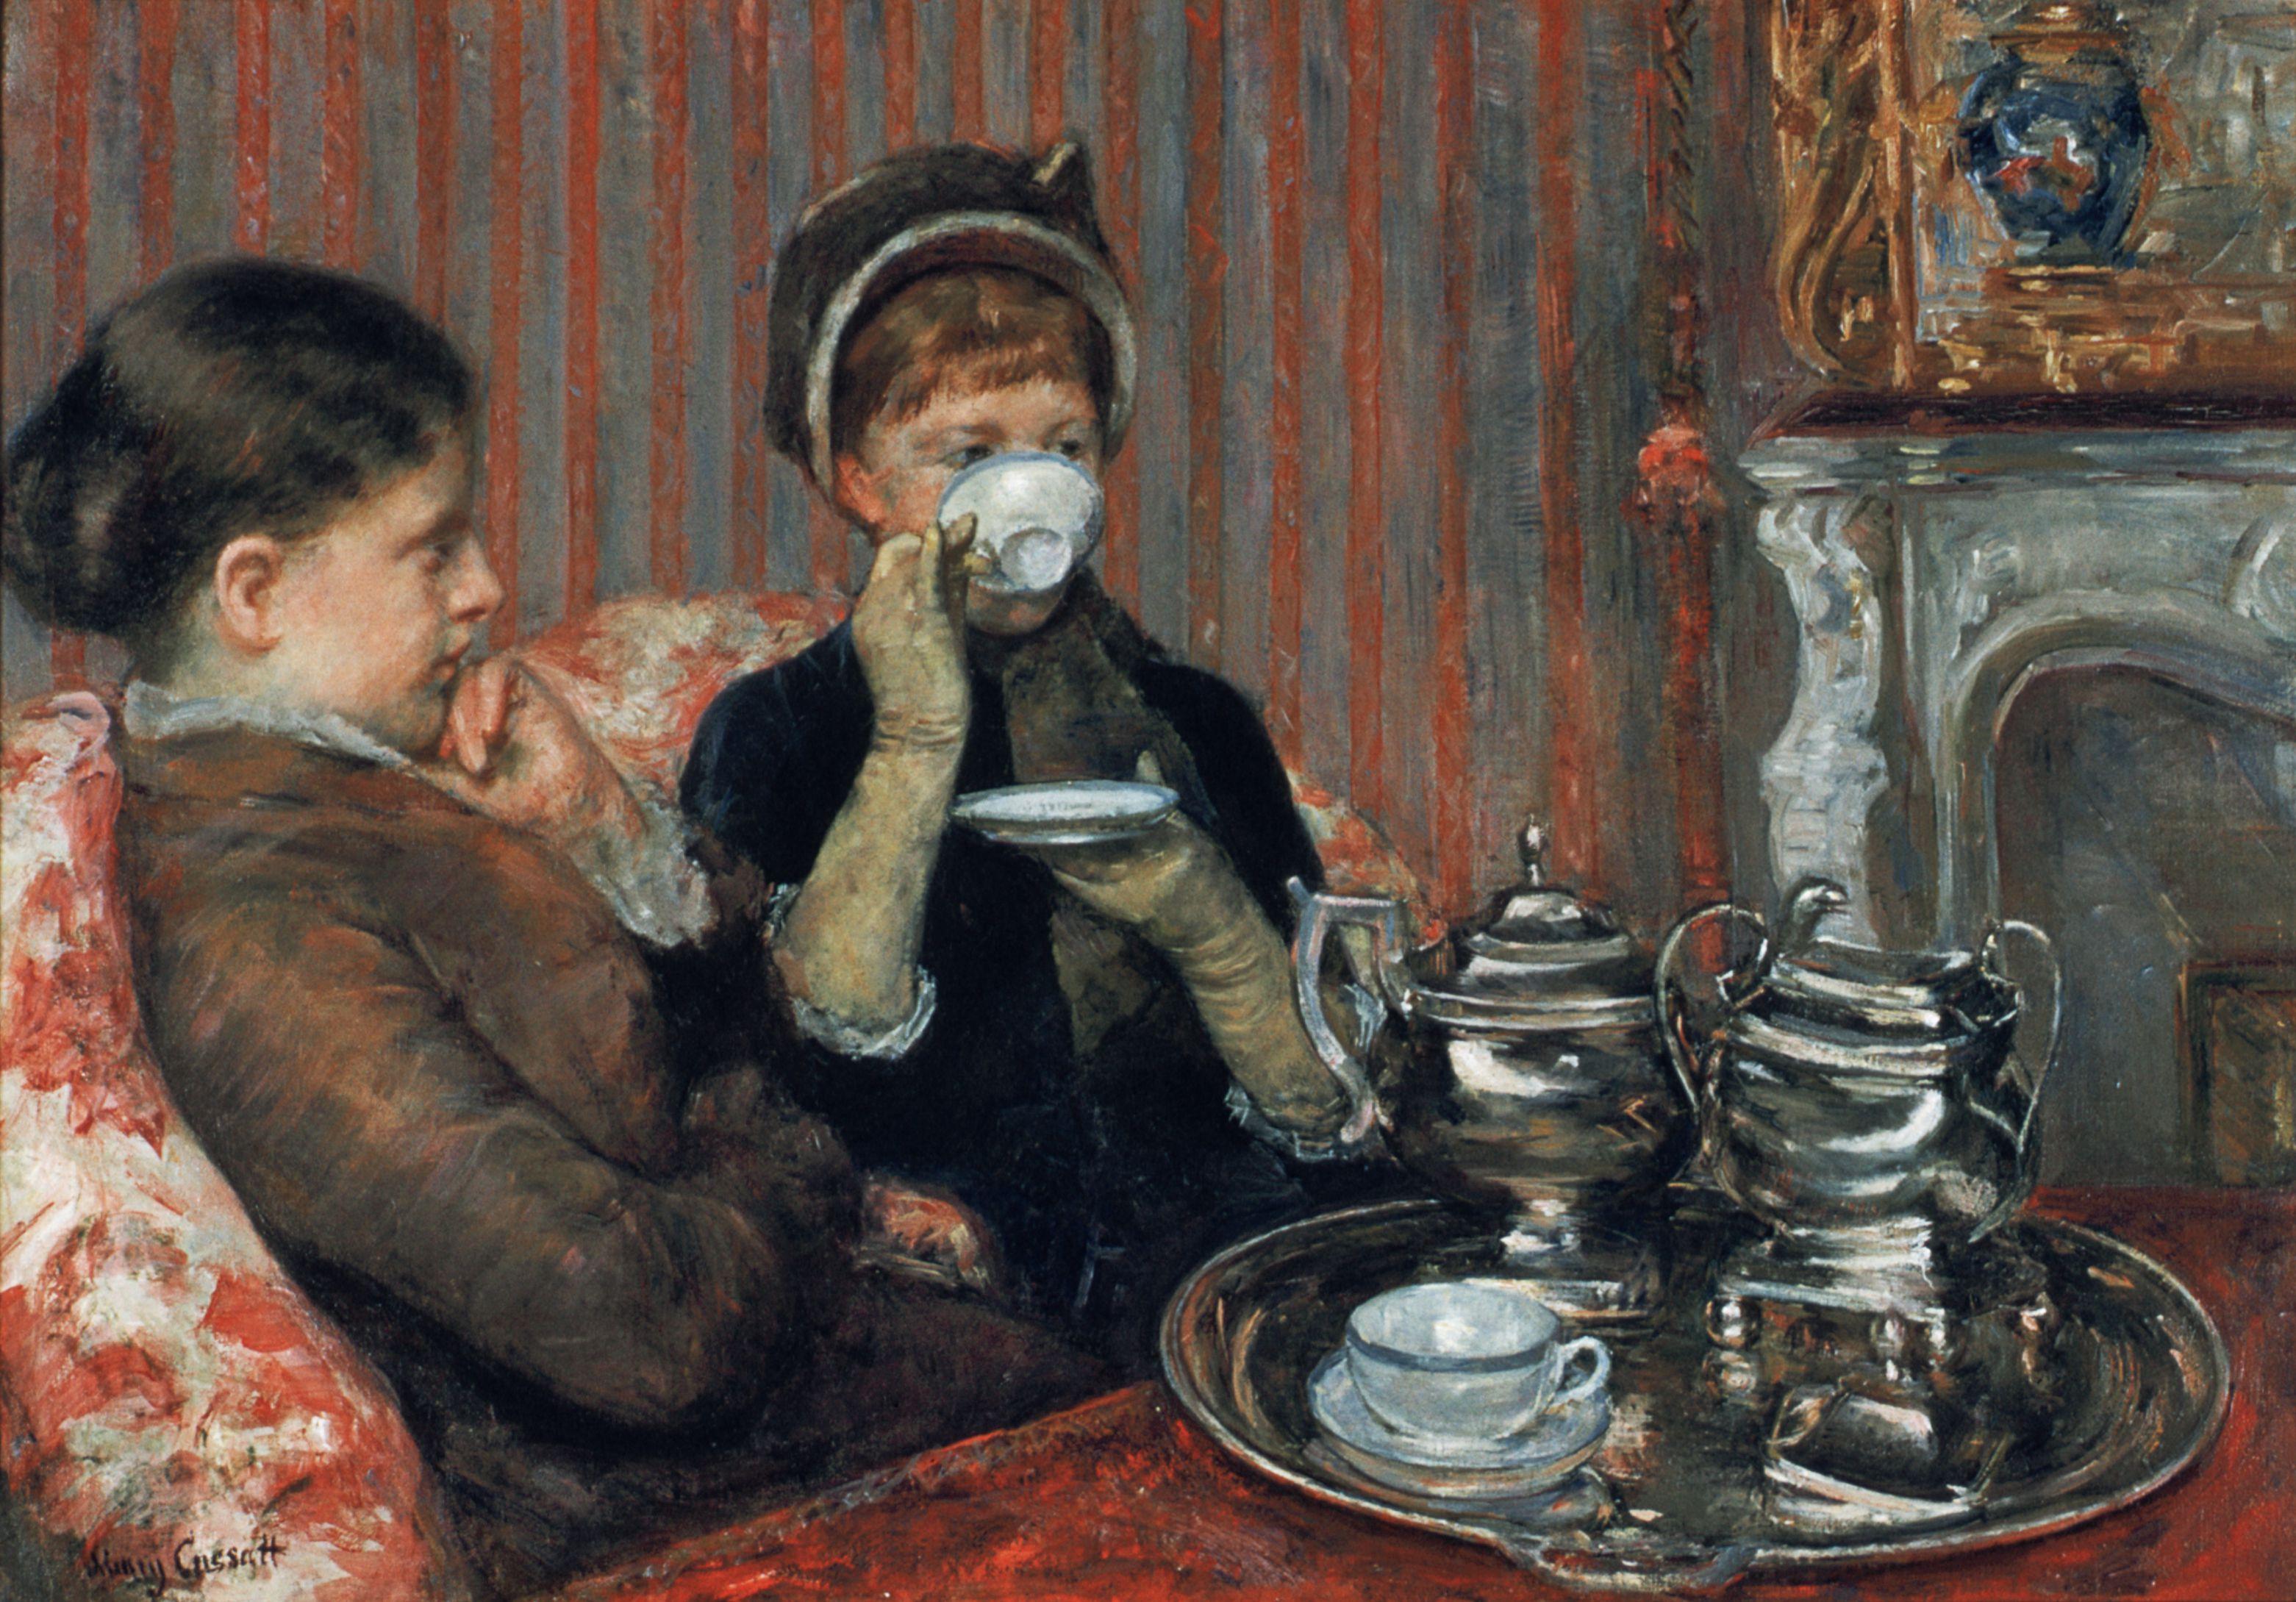 A Cup of Tea by Mary Cassatt